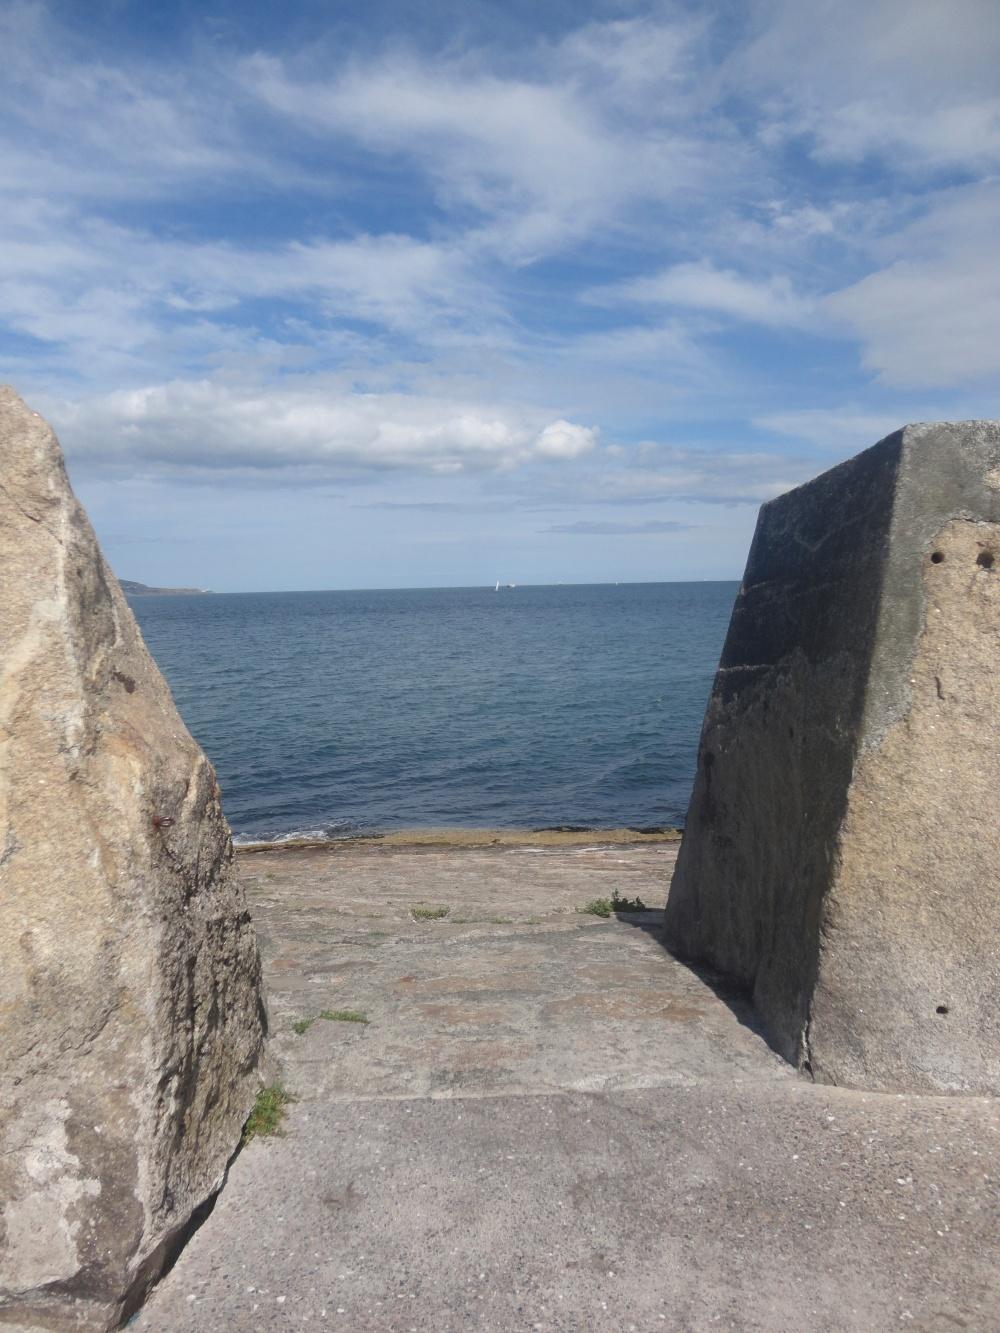 Dùn Laoghaire pier